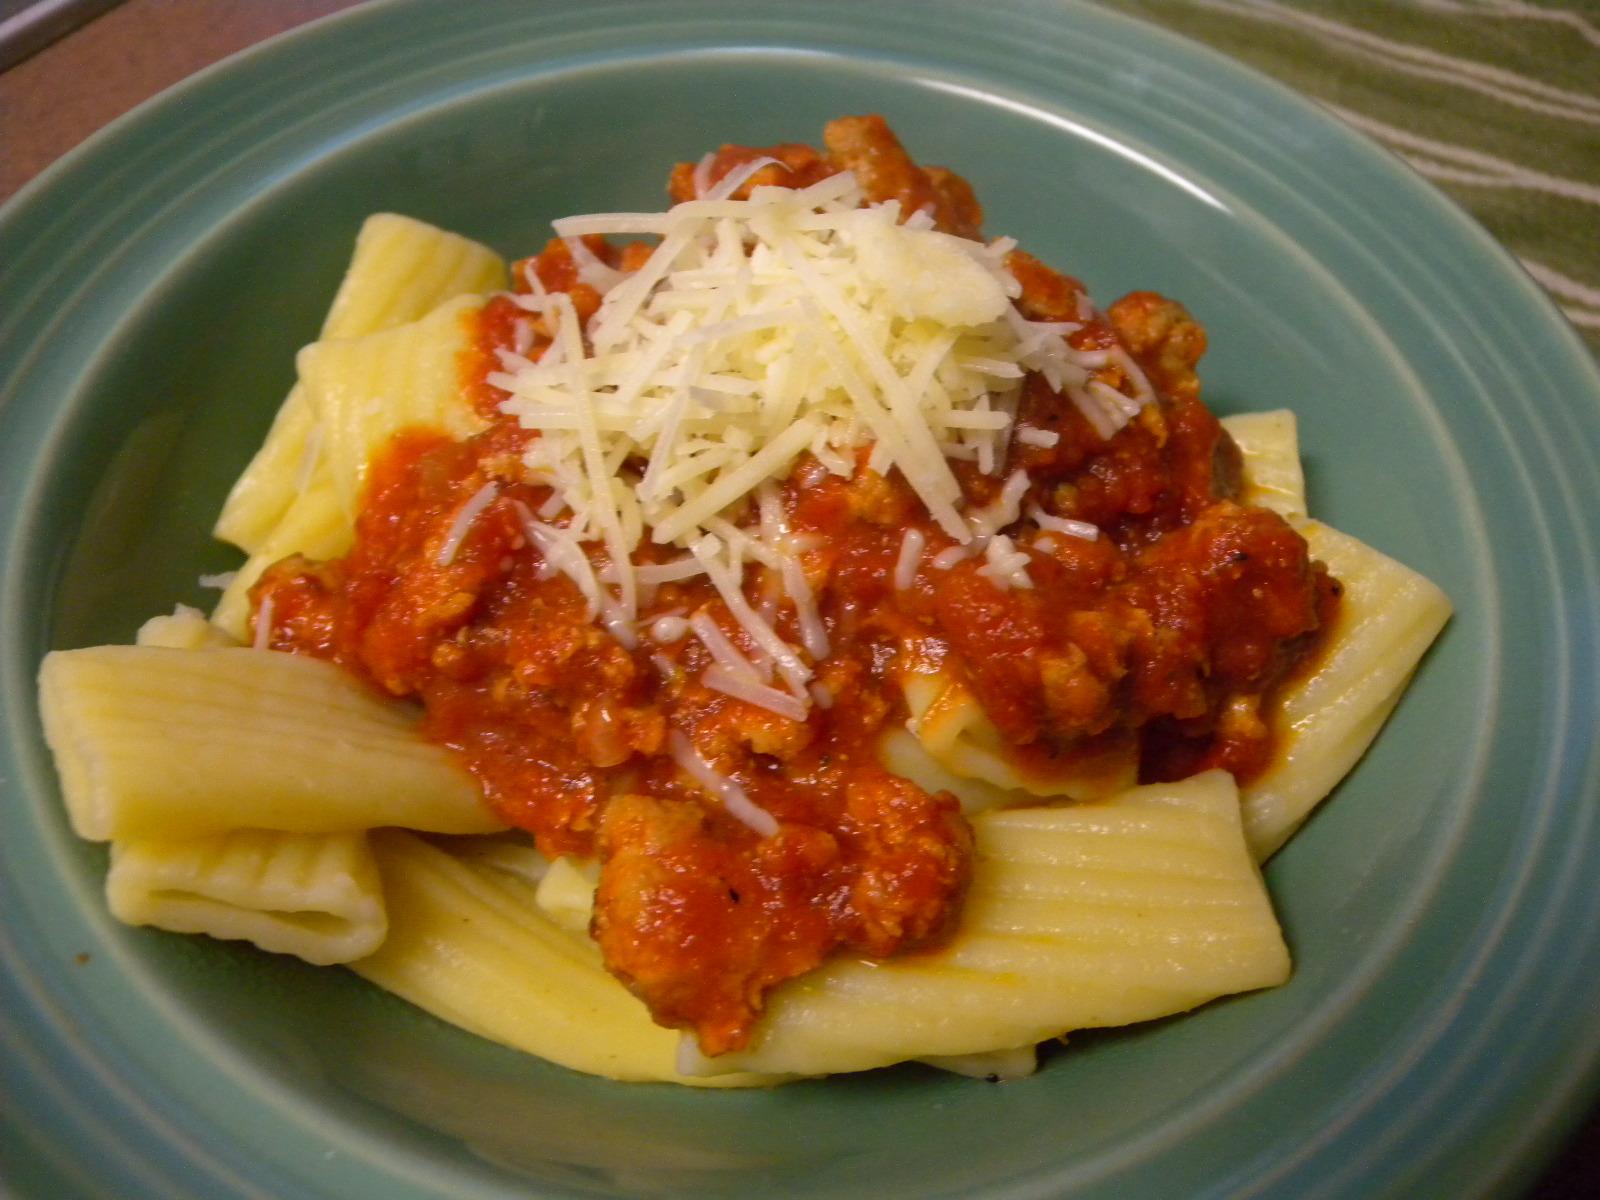 pasta without a pasta alla marlboro man pasta alla marlboro man ...